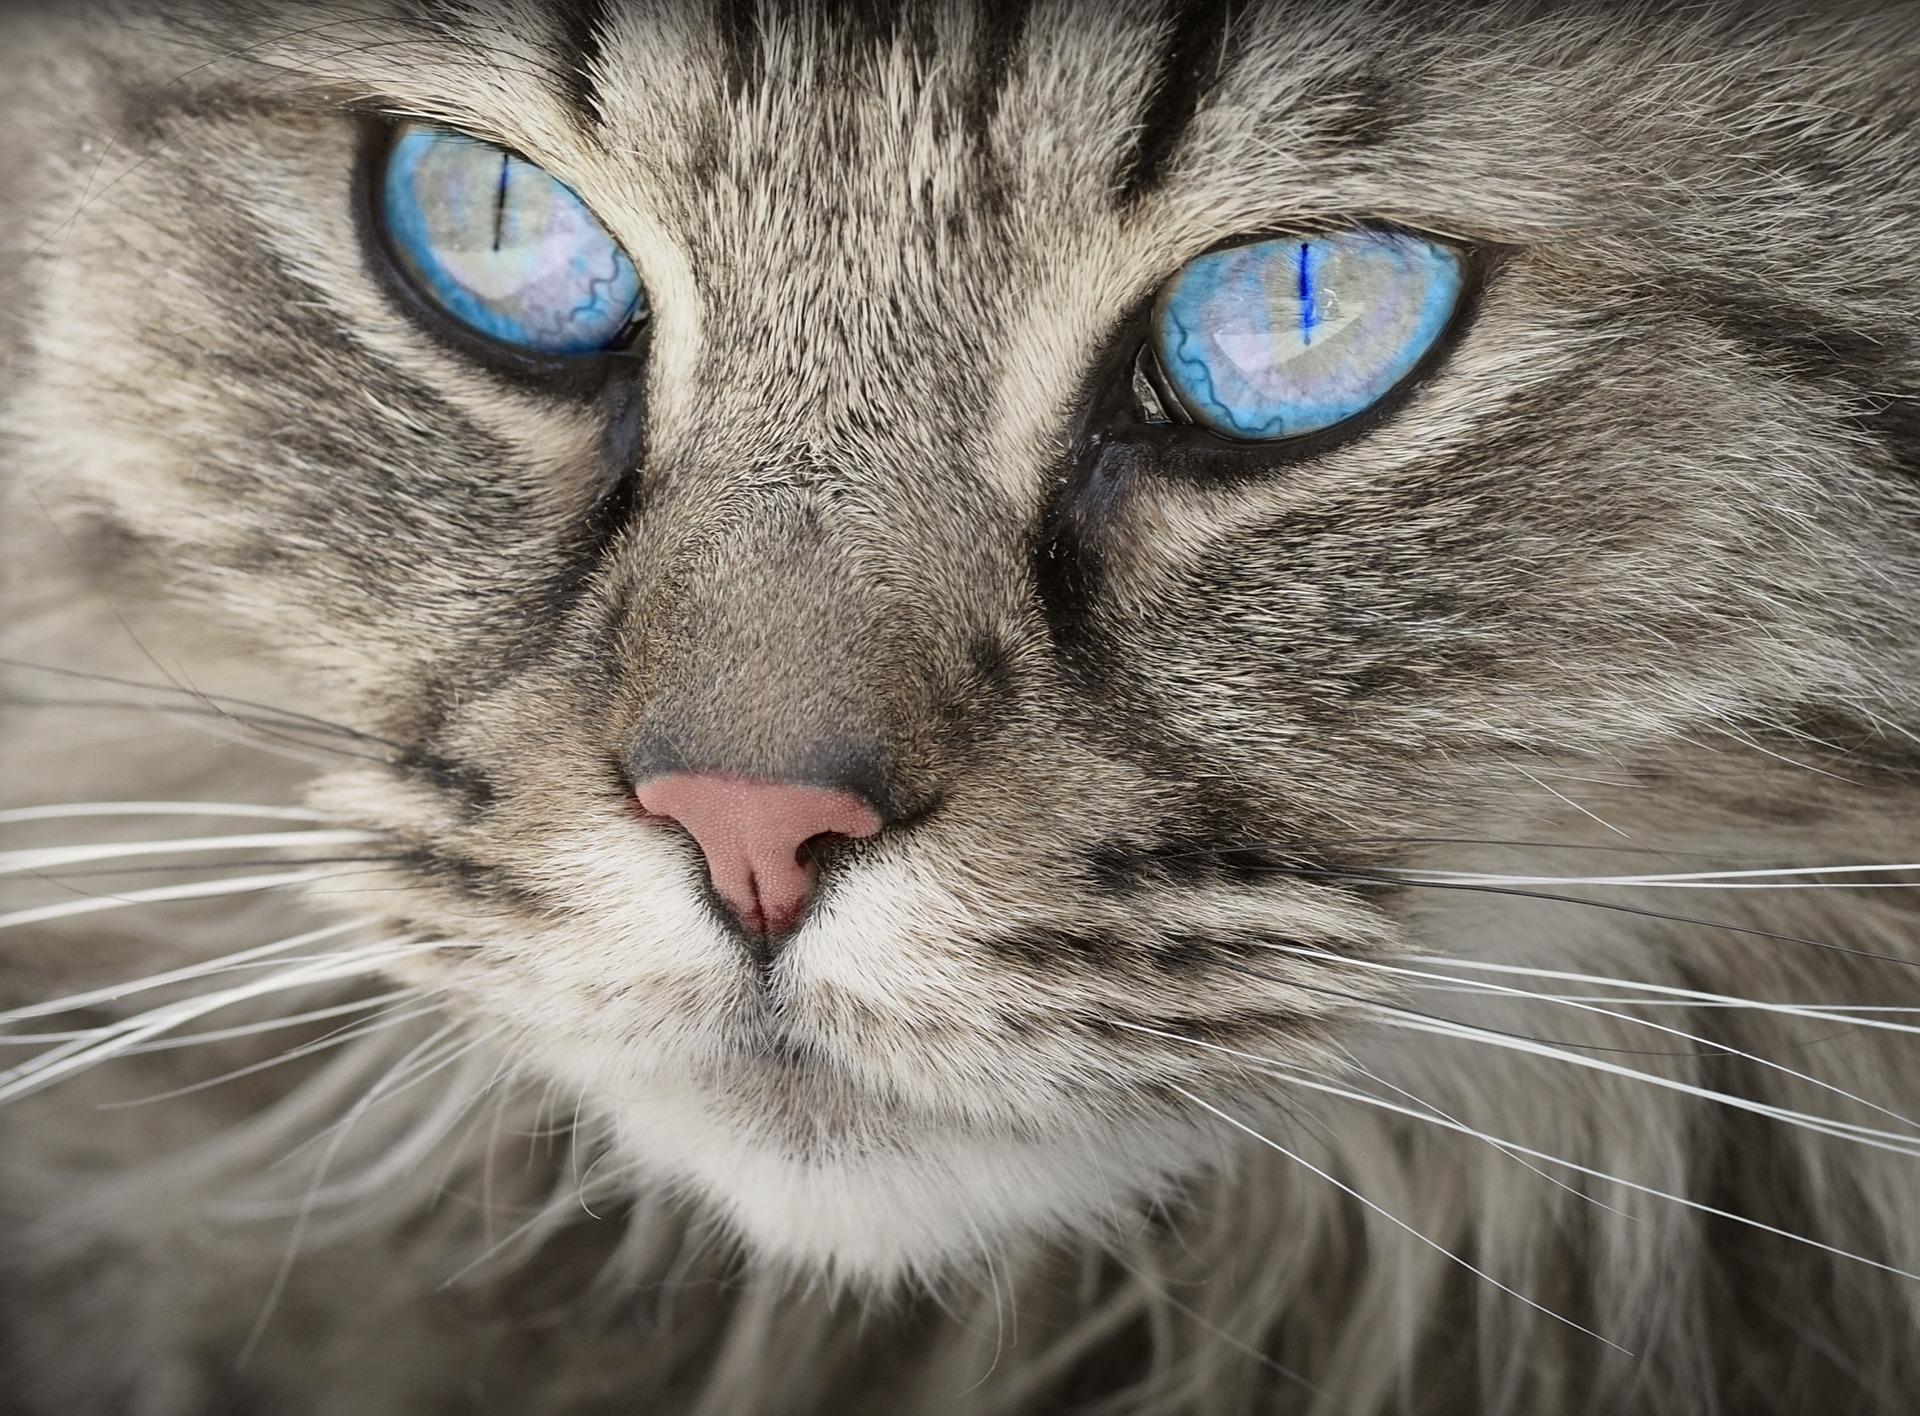 猫, ネコ科の動物, 顔, 目, ブルー, ペット - HD の壁紙 - 教授-falken.com